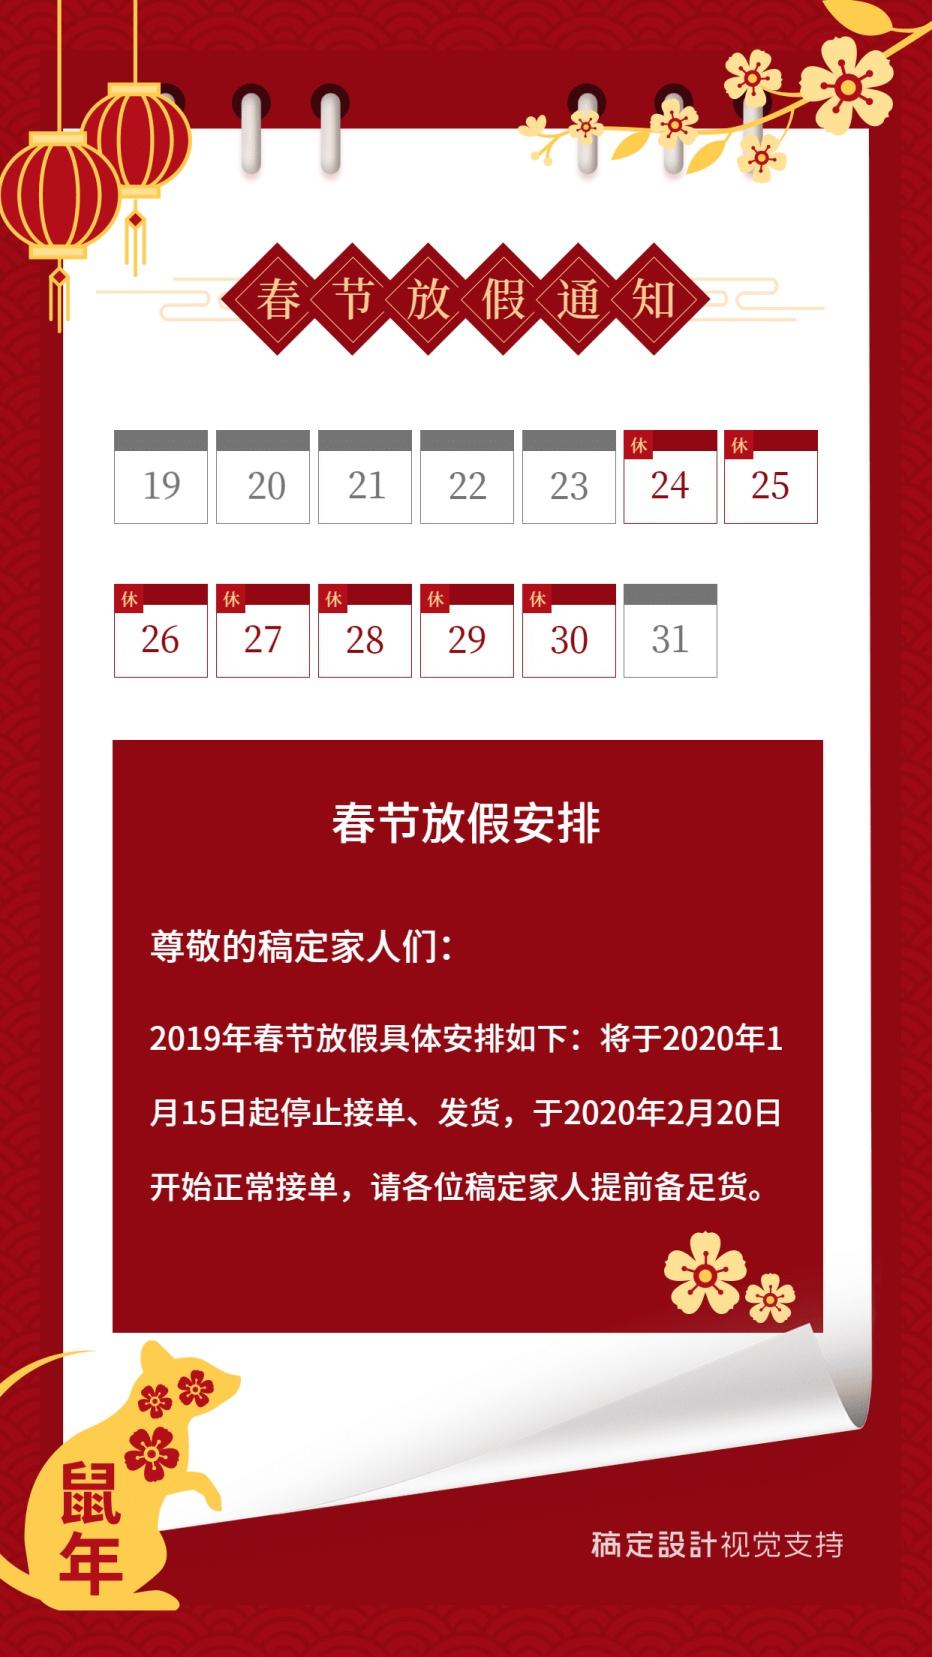 春节公司放假通知